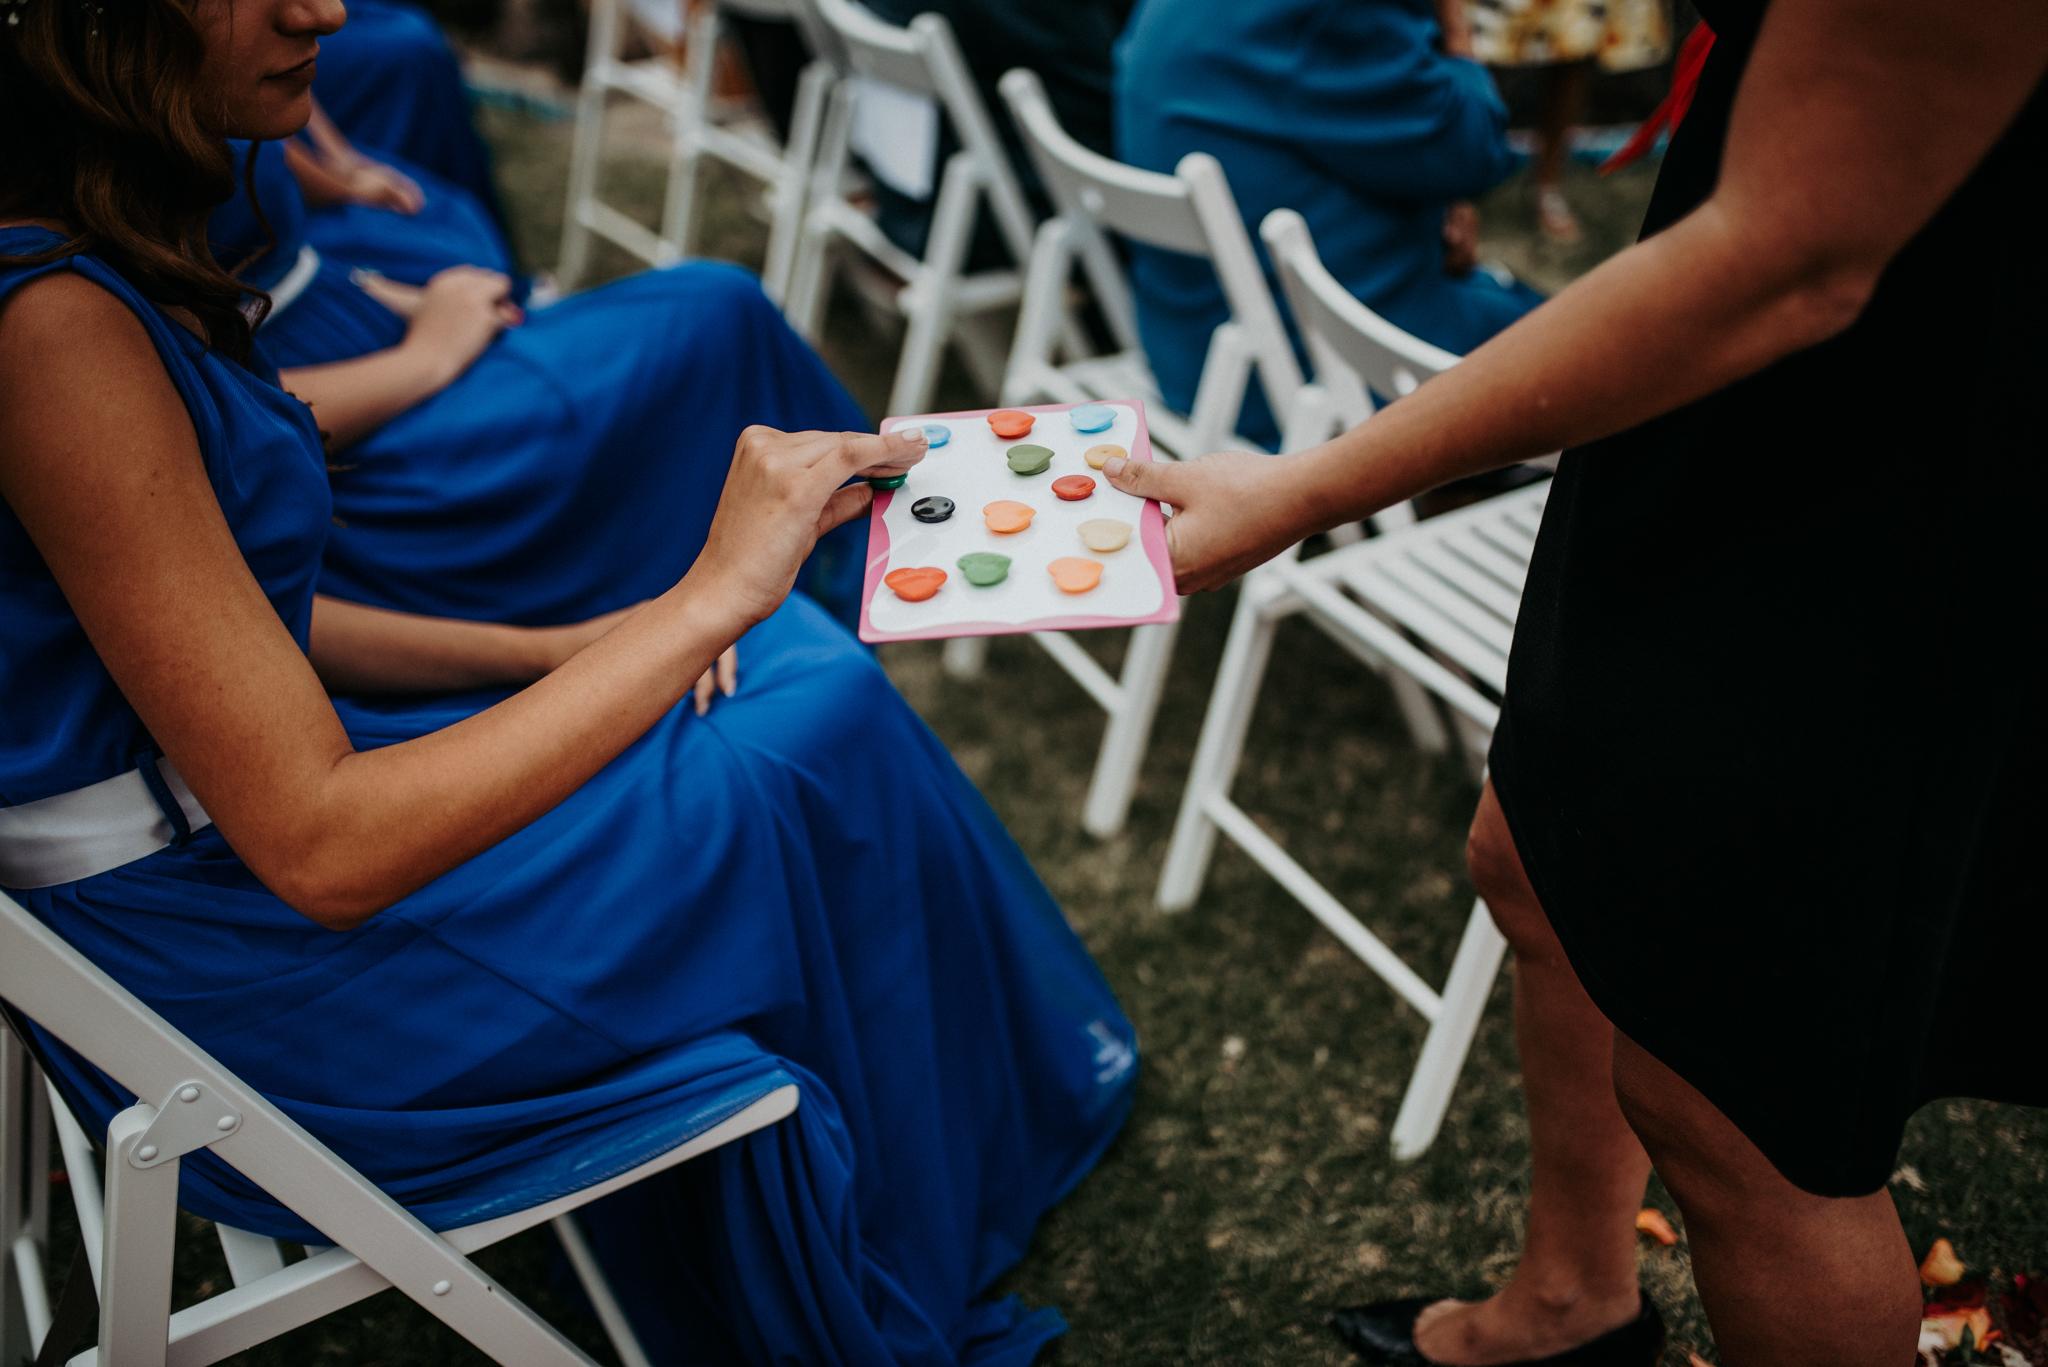 sonia boda-87.jpg